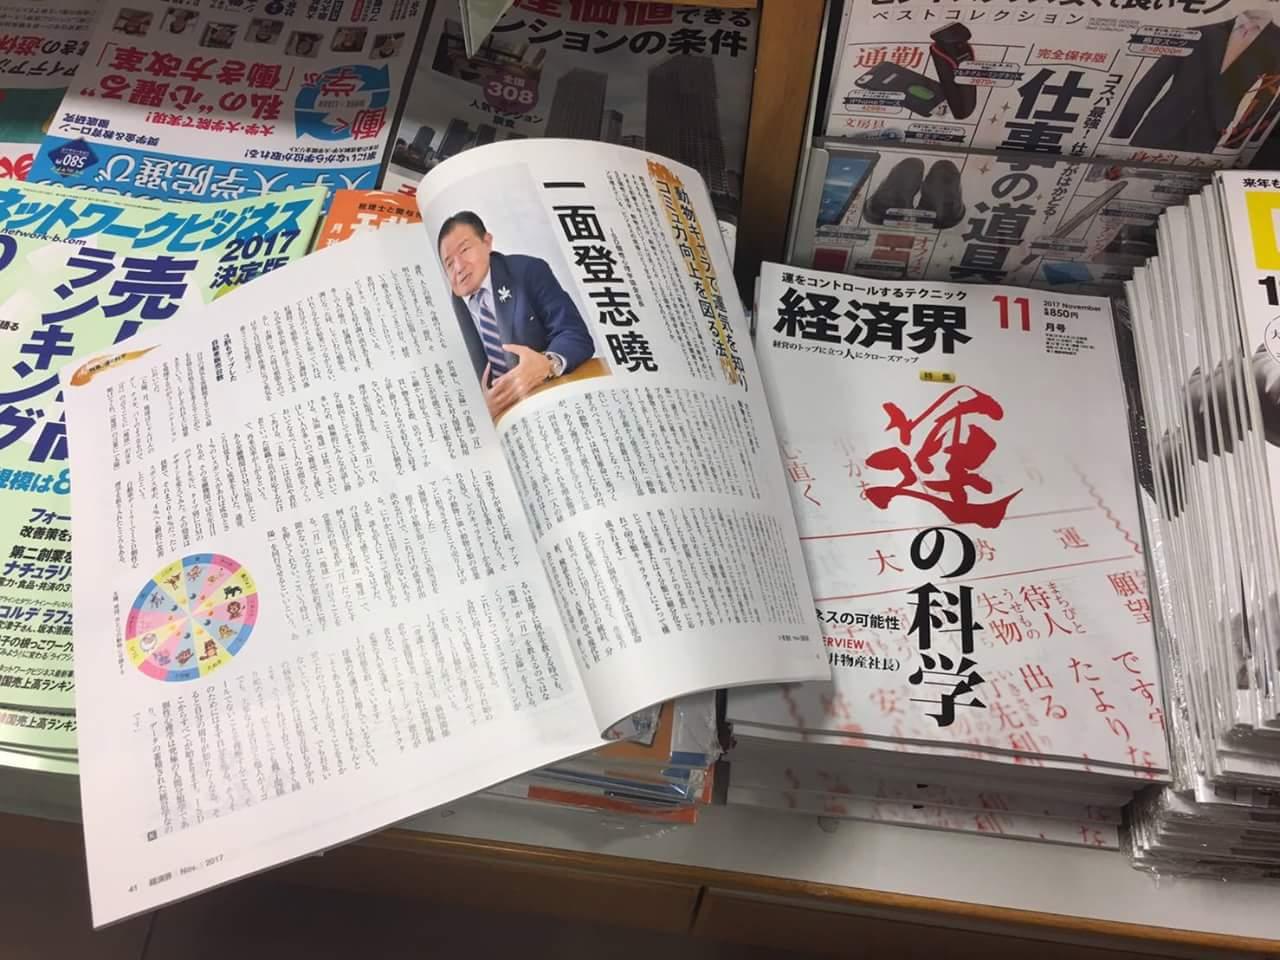 書店のビジネスコーナーに並ぶ「経済界11月号」にてISD個性心理学の紹介記事が出ています。